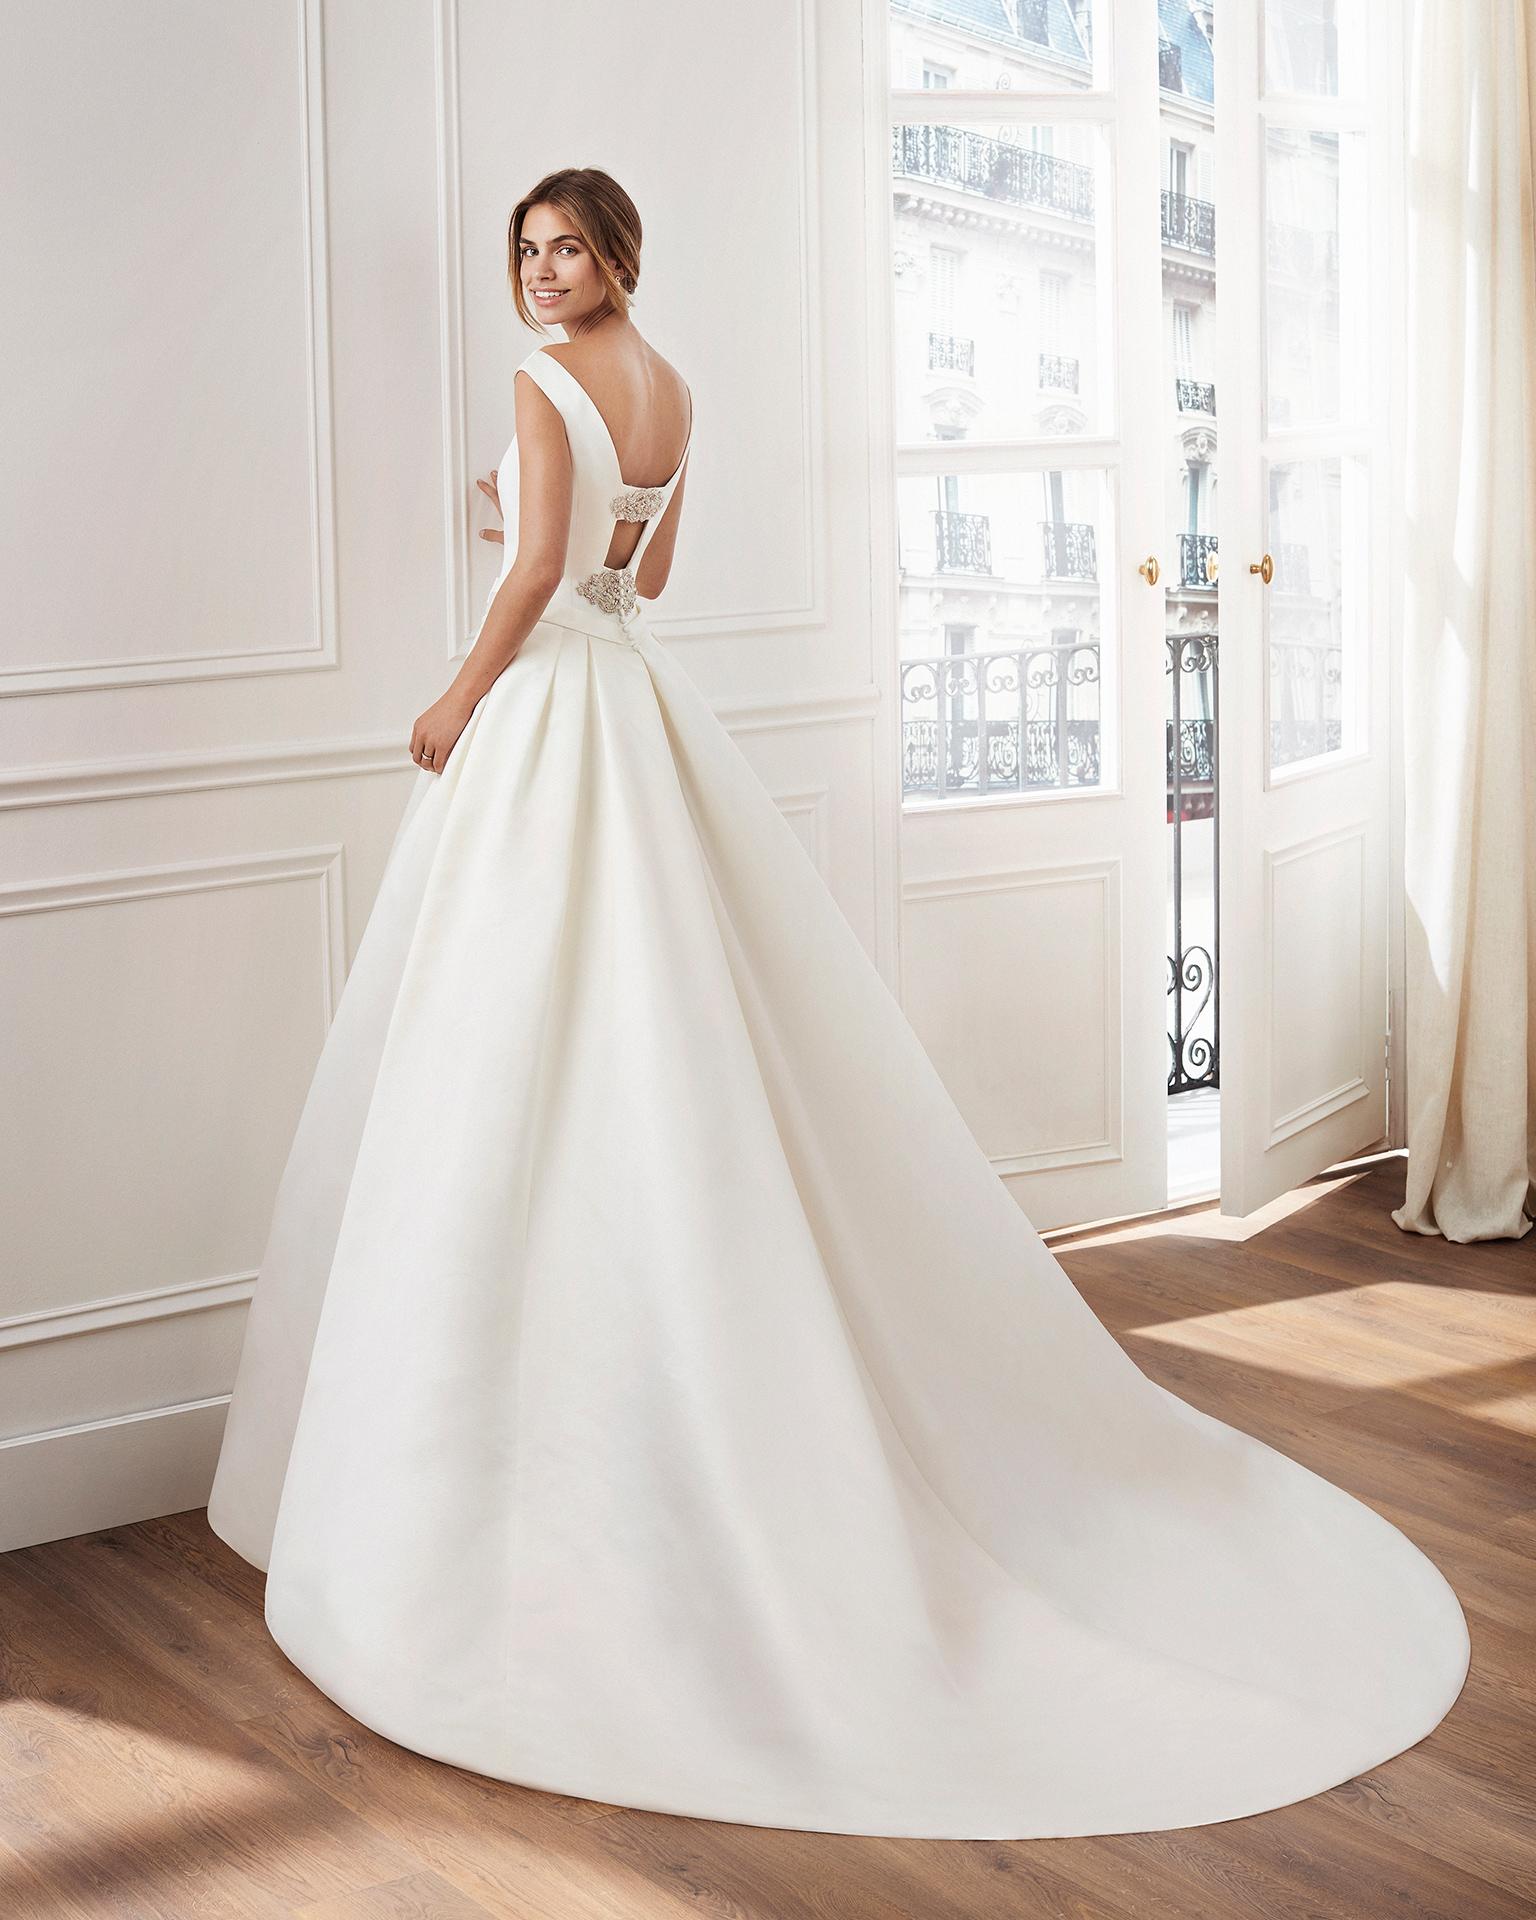 Vestido de novia estilo clásico línea A en raso duquesa. Escote barco y broches de pedrería en espalda. Disponible en color marfil. Colección  2019.